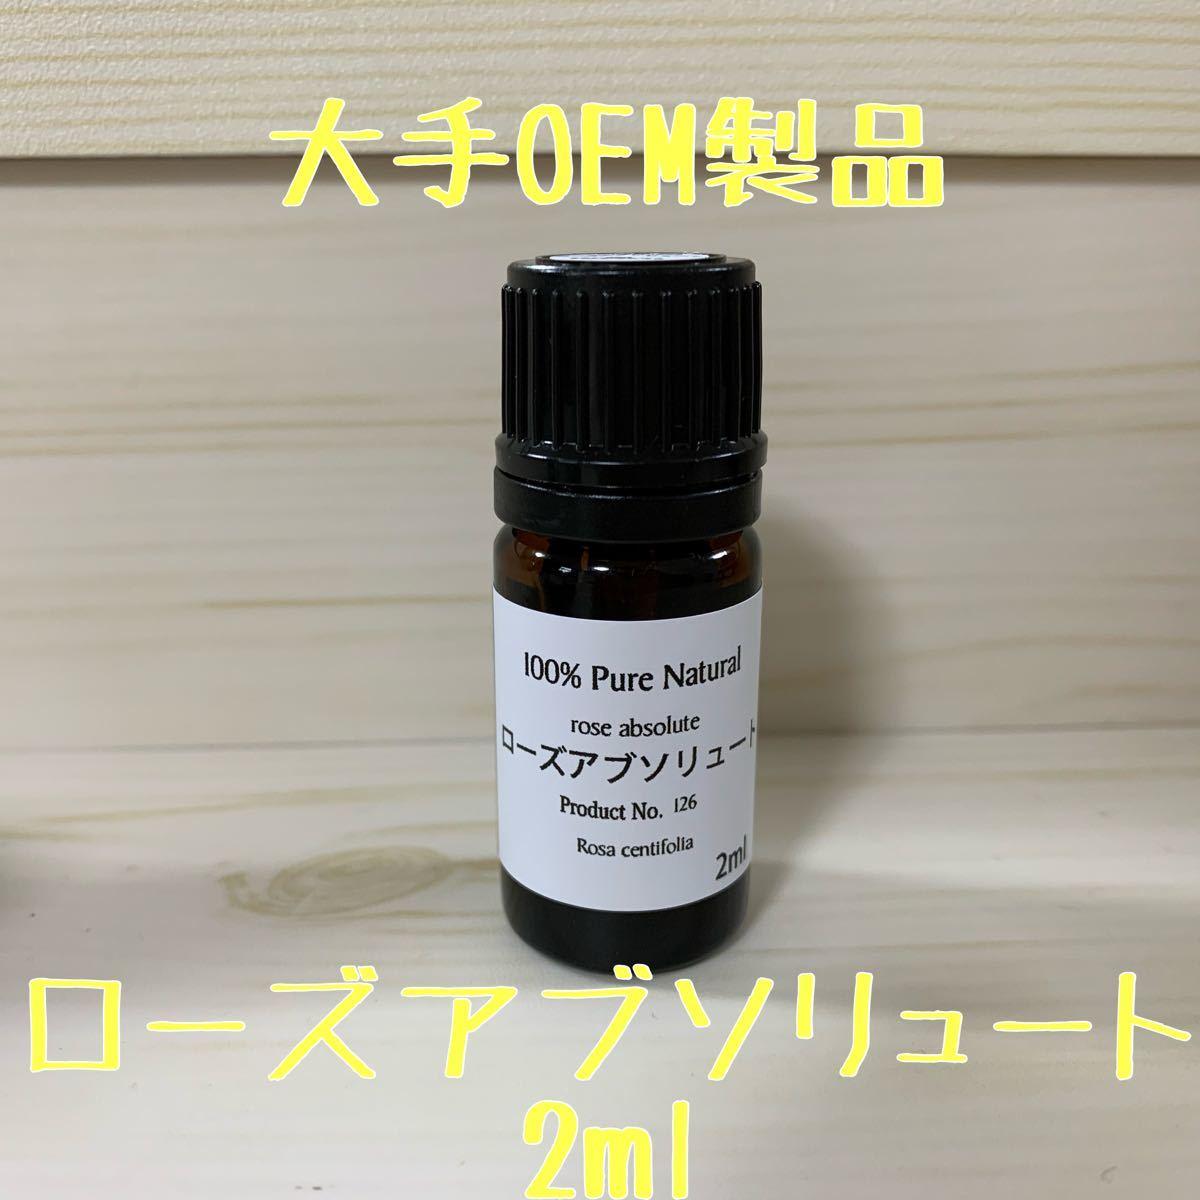 エッセンシャルオイル ローズアブソリュート 精油2ml